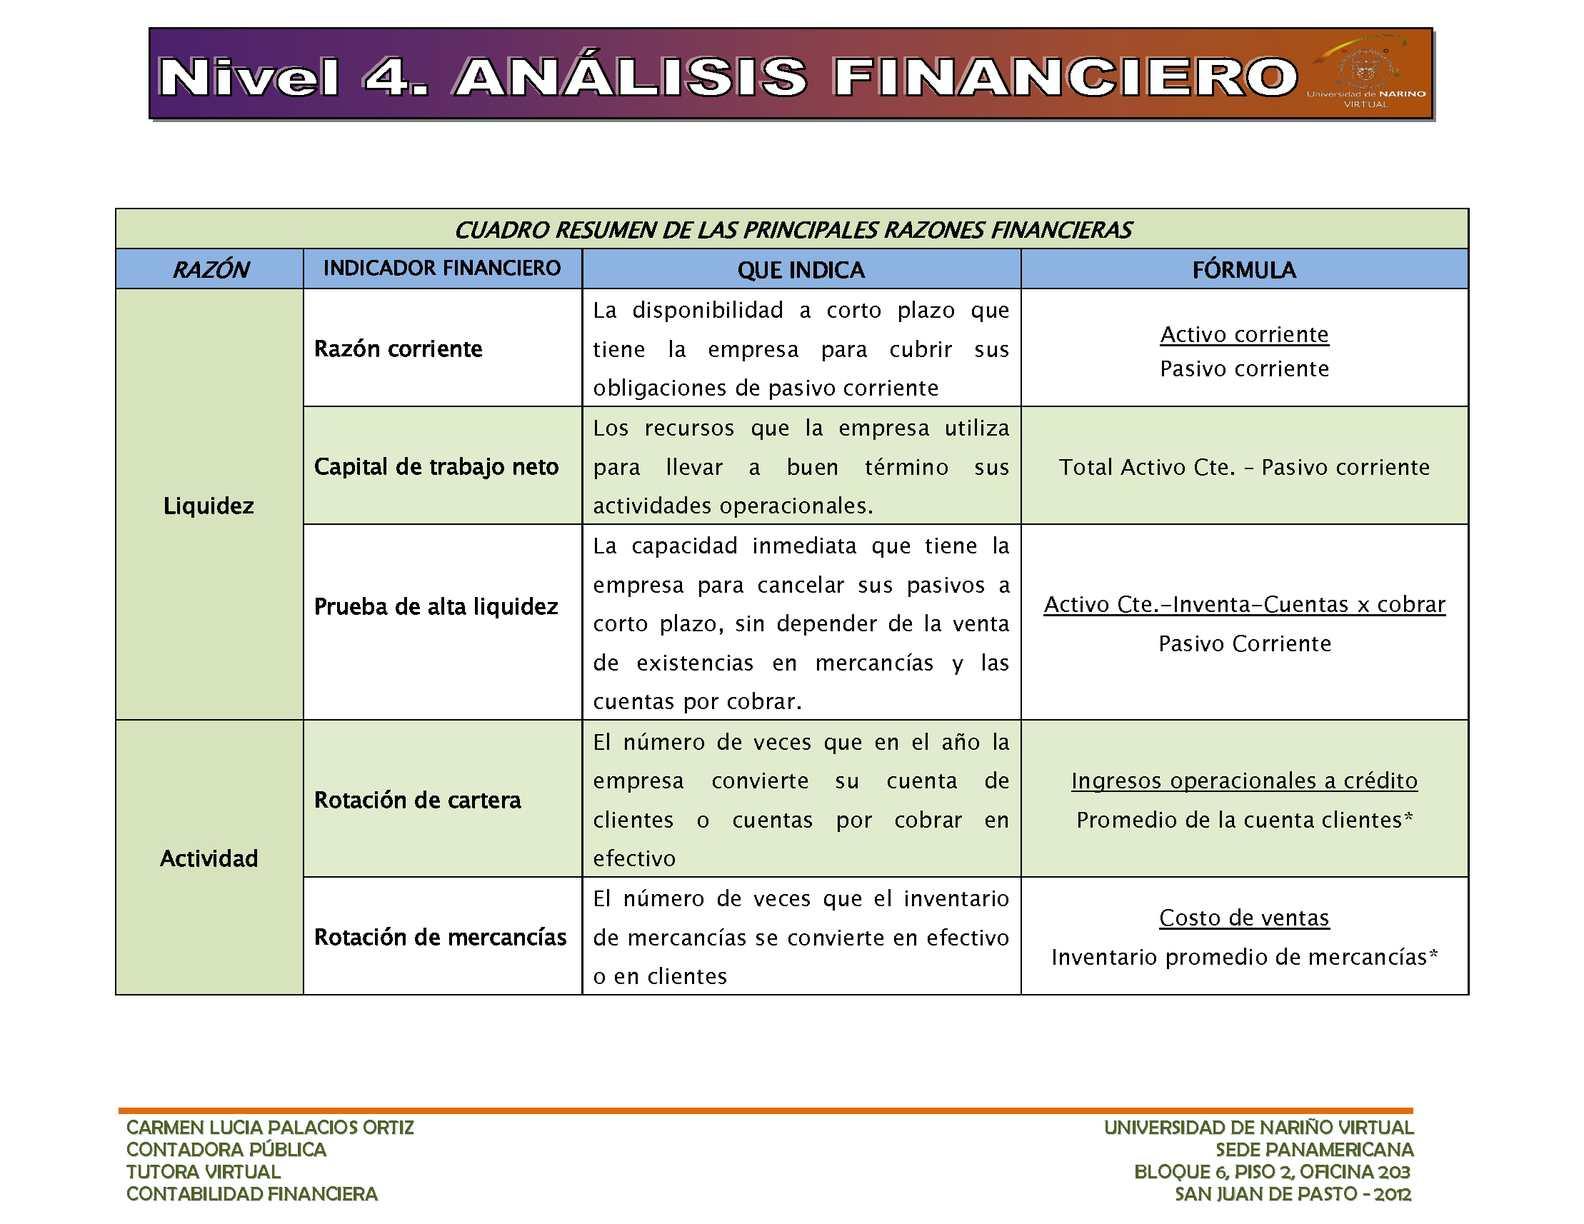 Calaméo - CUADRO RESUMEN RAZONES FINANCIERAS NIVEL 4.